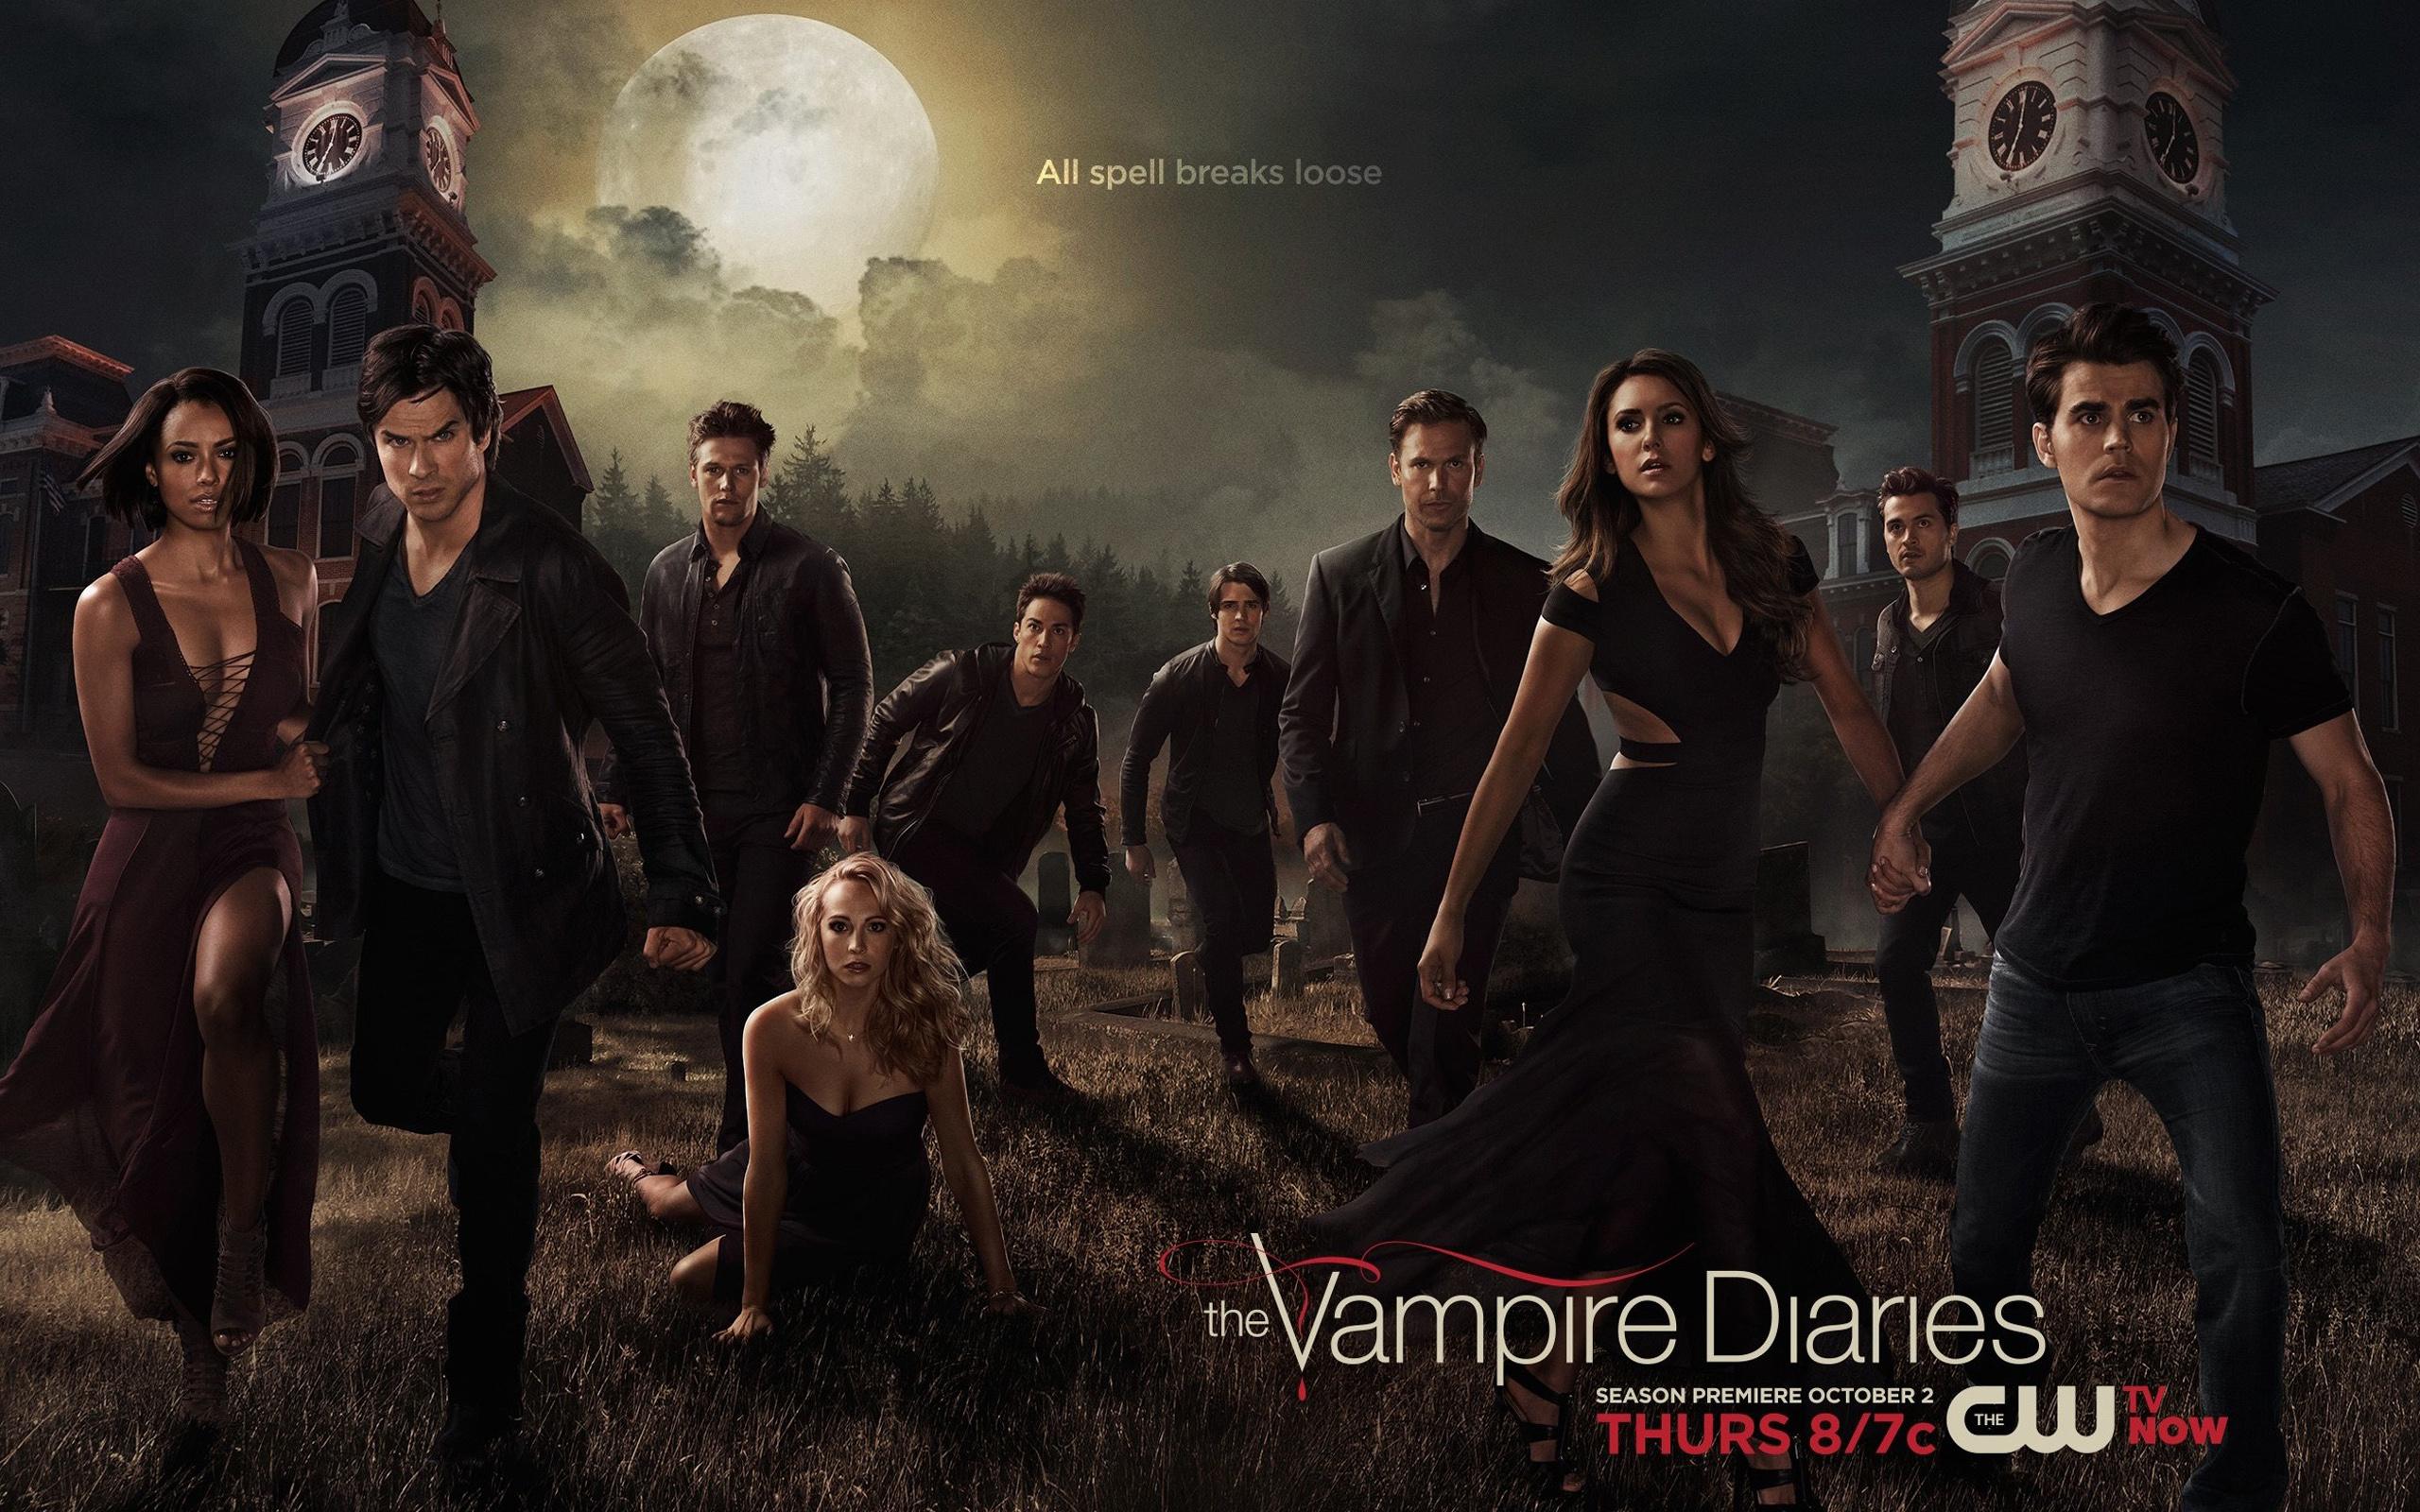 49+] Vampire Diaries Season 6 Wallpaper ...